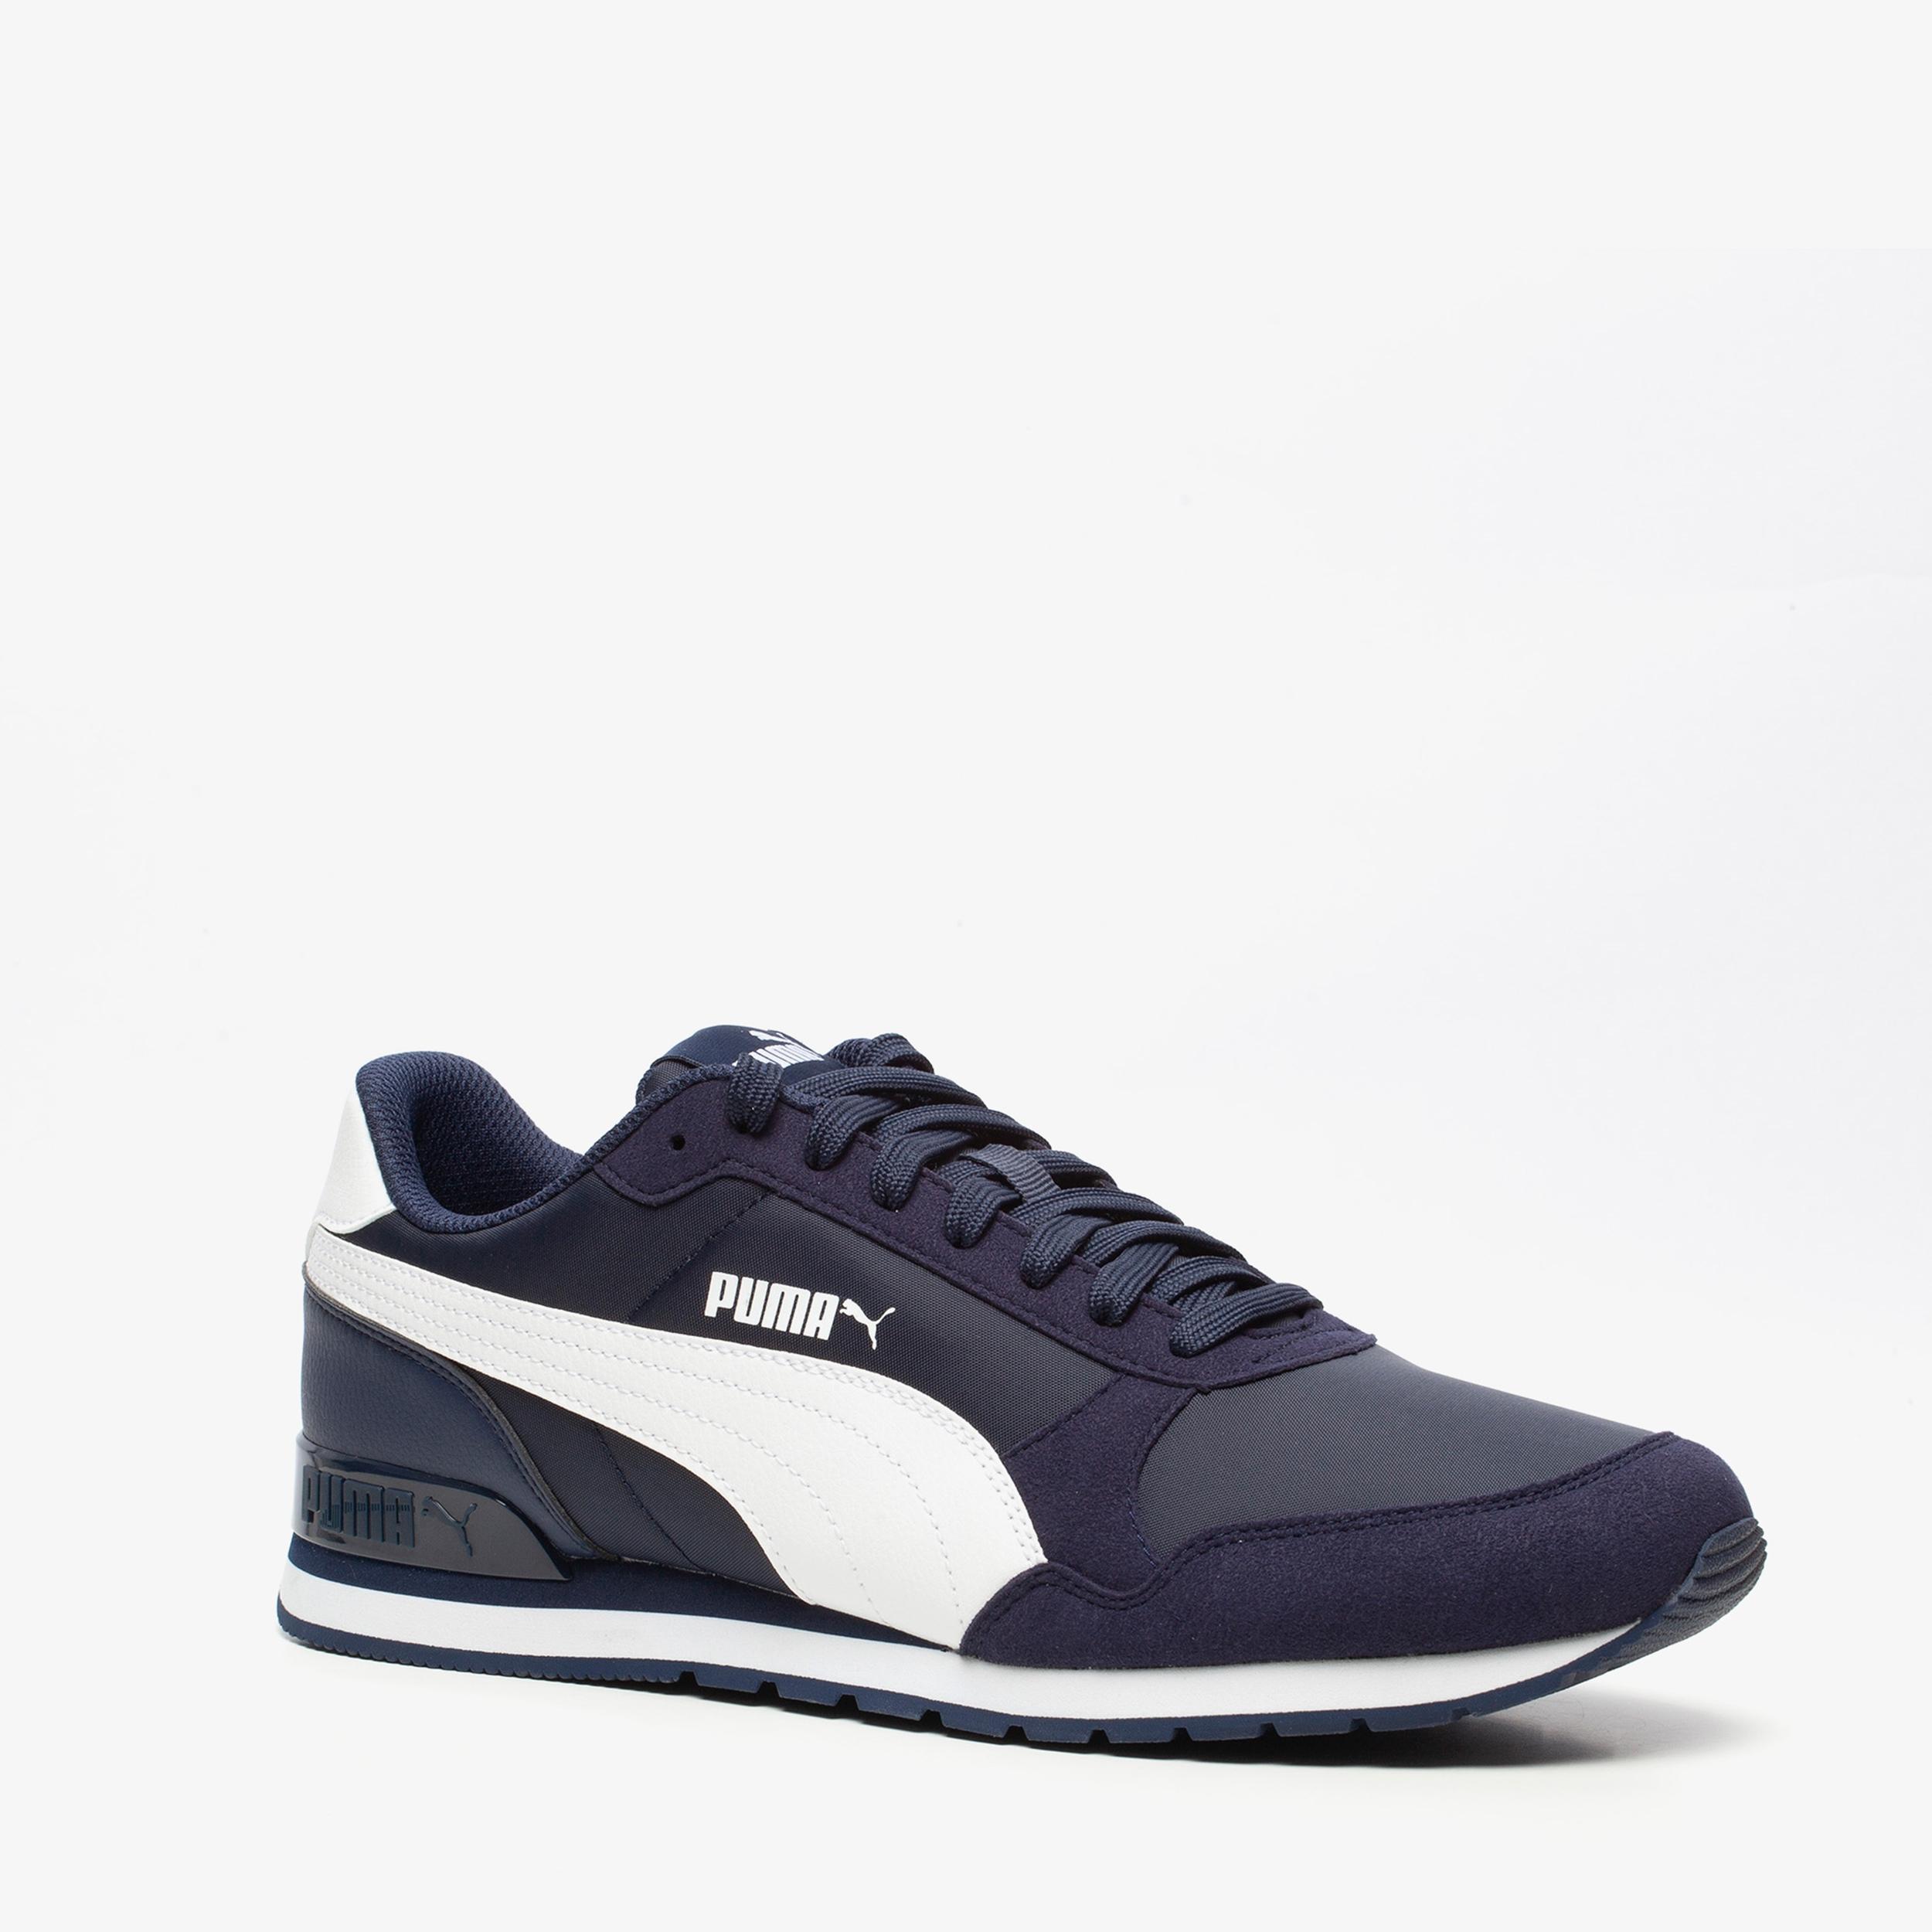 Puma ST Runner V2 heren sneakers   Scapino.nl